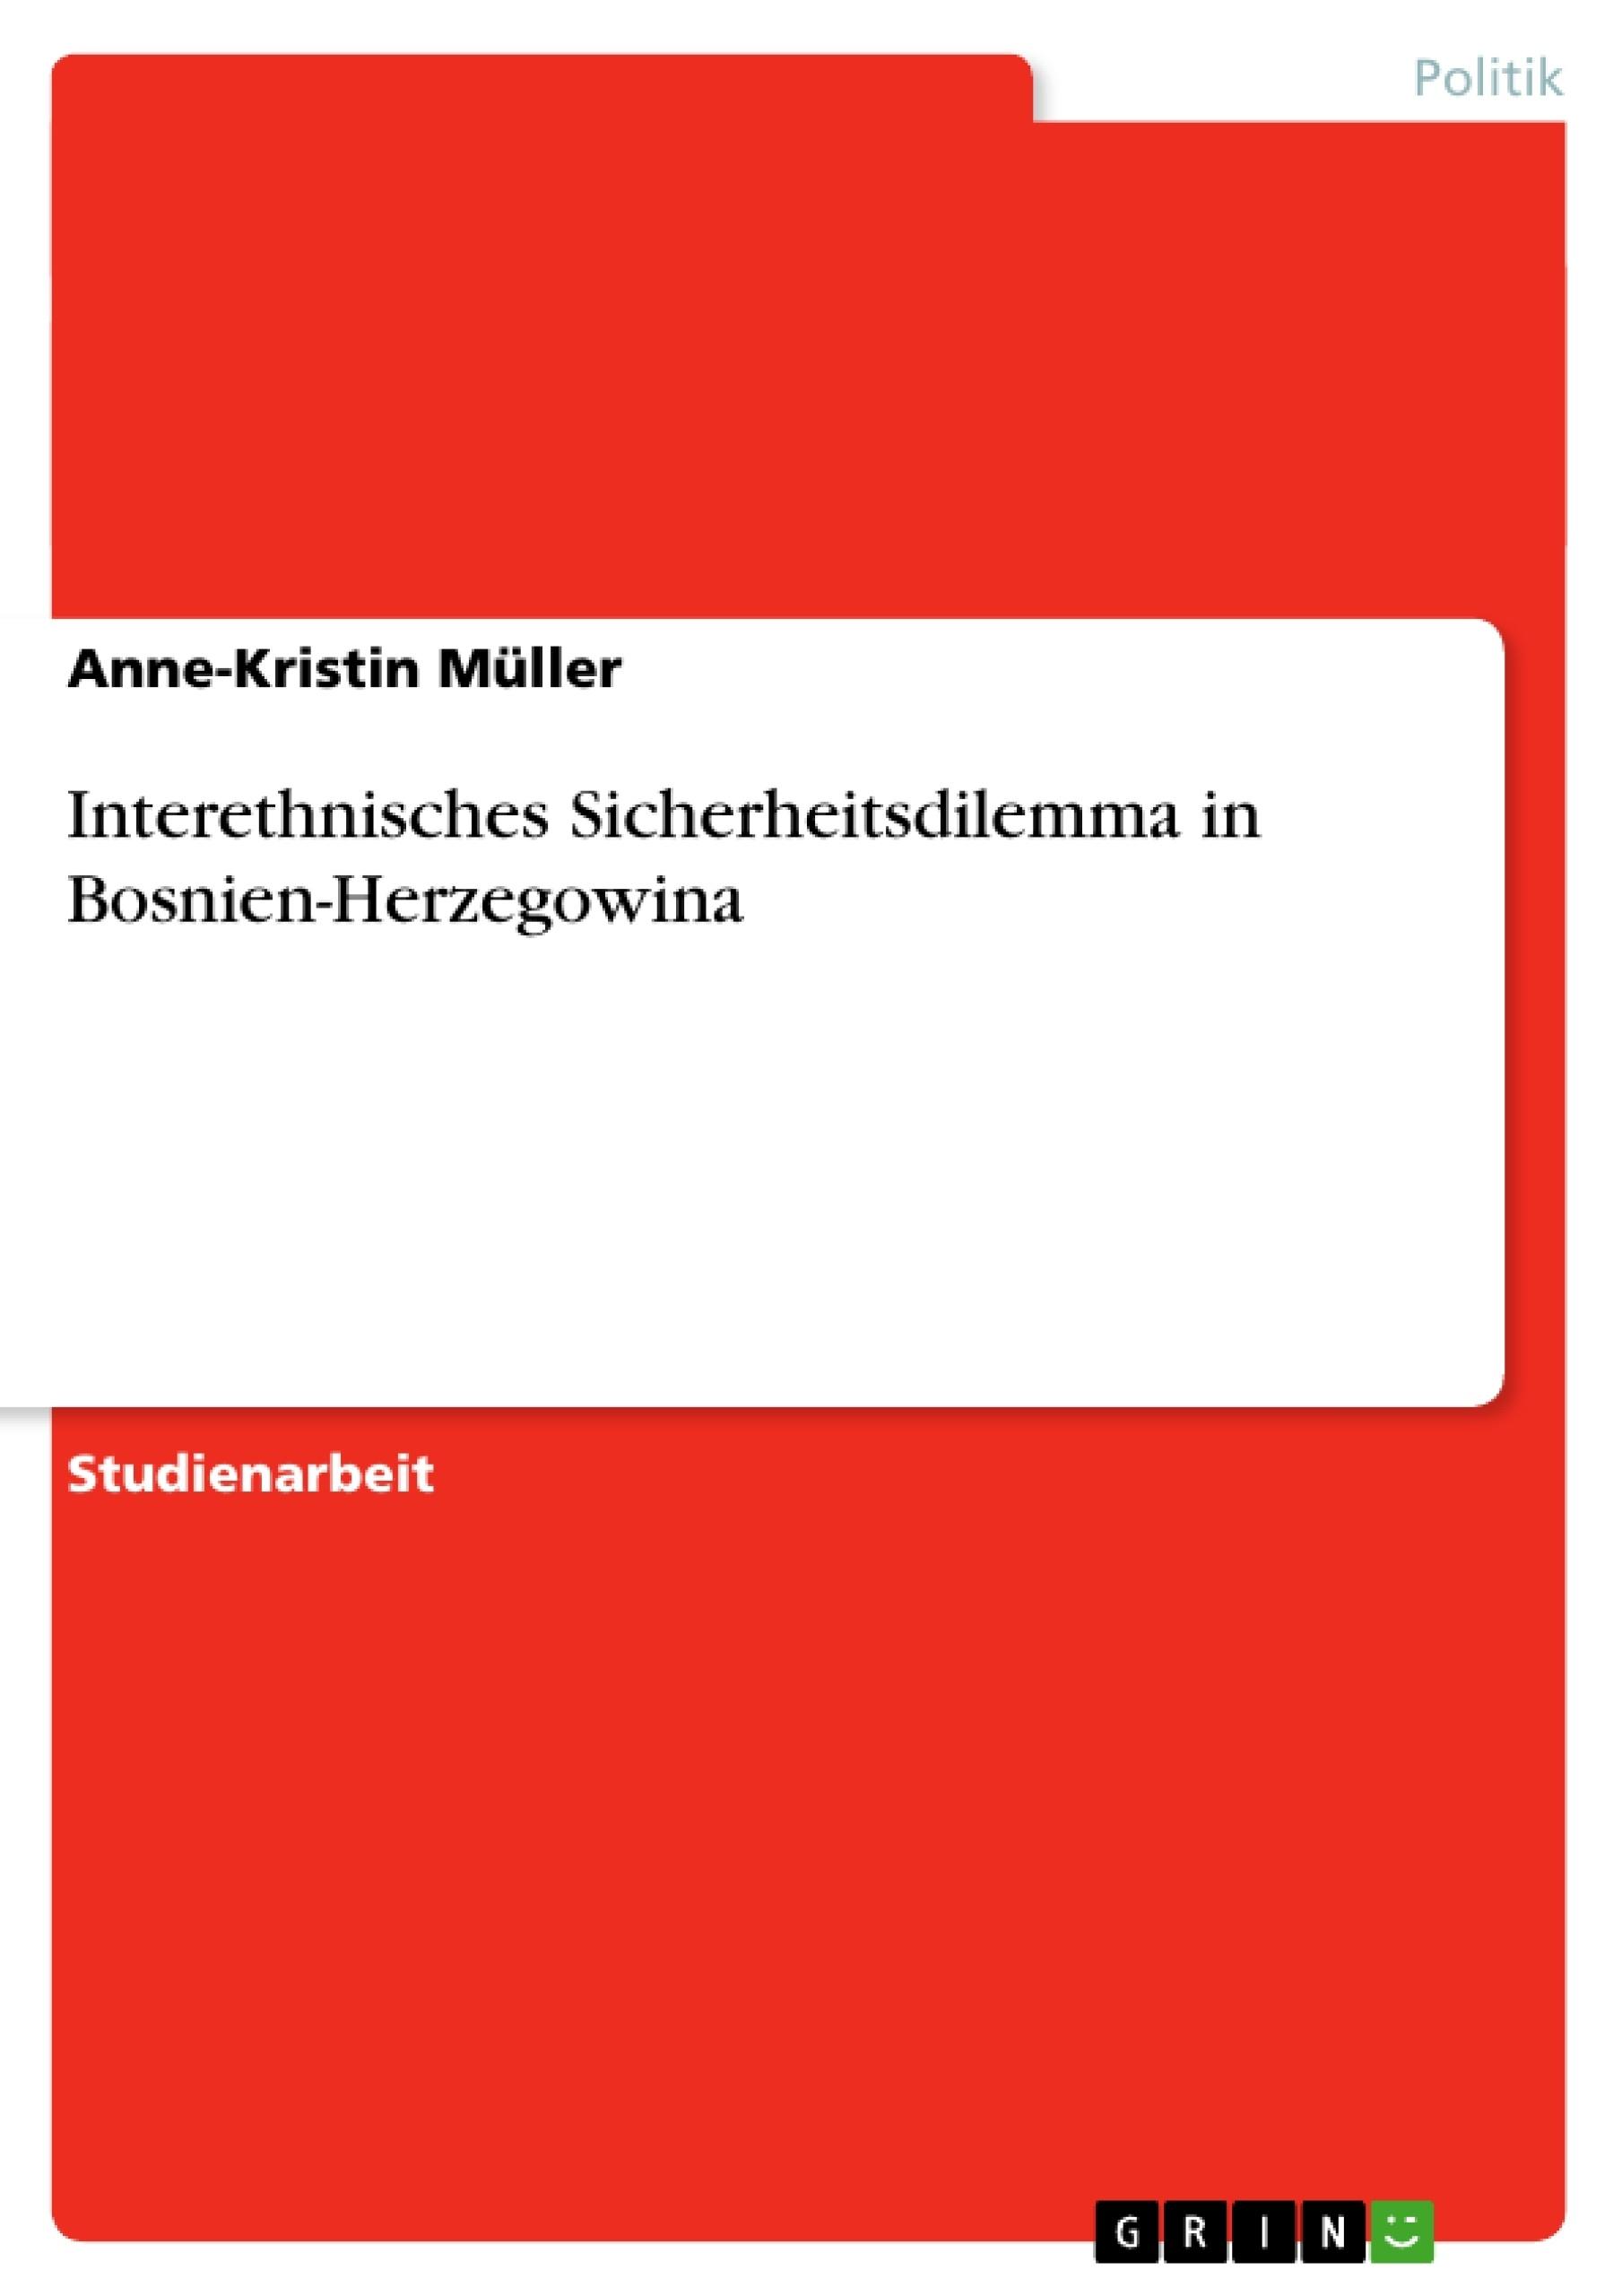 Titel: Interethnisches Sicherheitsdilemma in Bosnien-Herzegowina